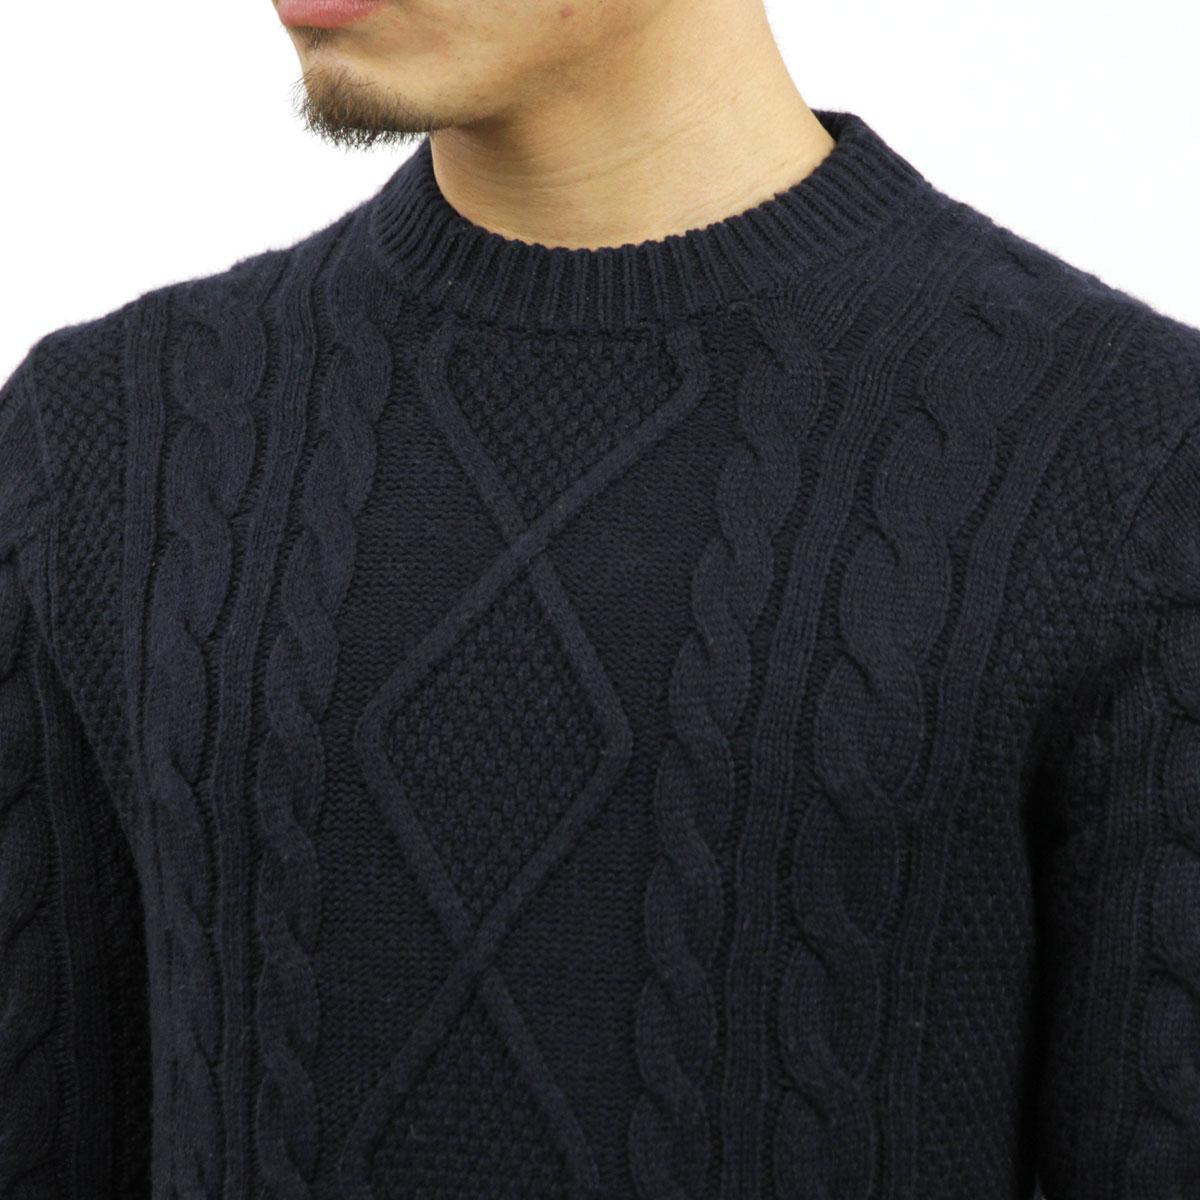 アバクロ セーター メンズ 正規品 Abercrombie&Fitch クルーネックセーター CREWNECK SWEATER 120-201-1631-200 A02B B1C C1D D7E E06F